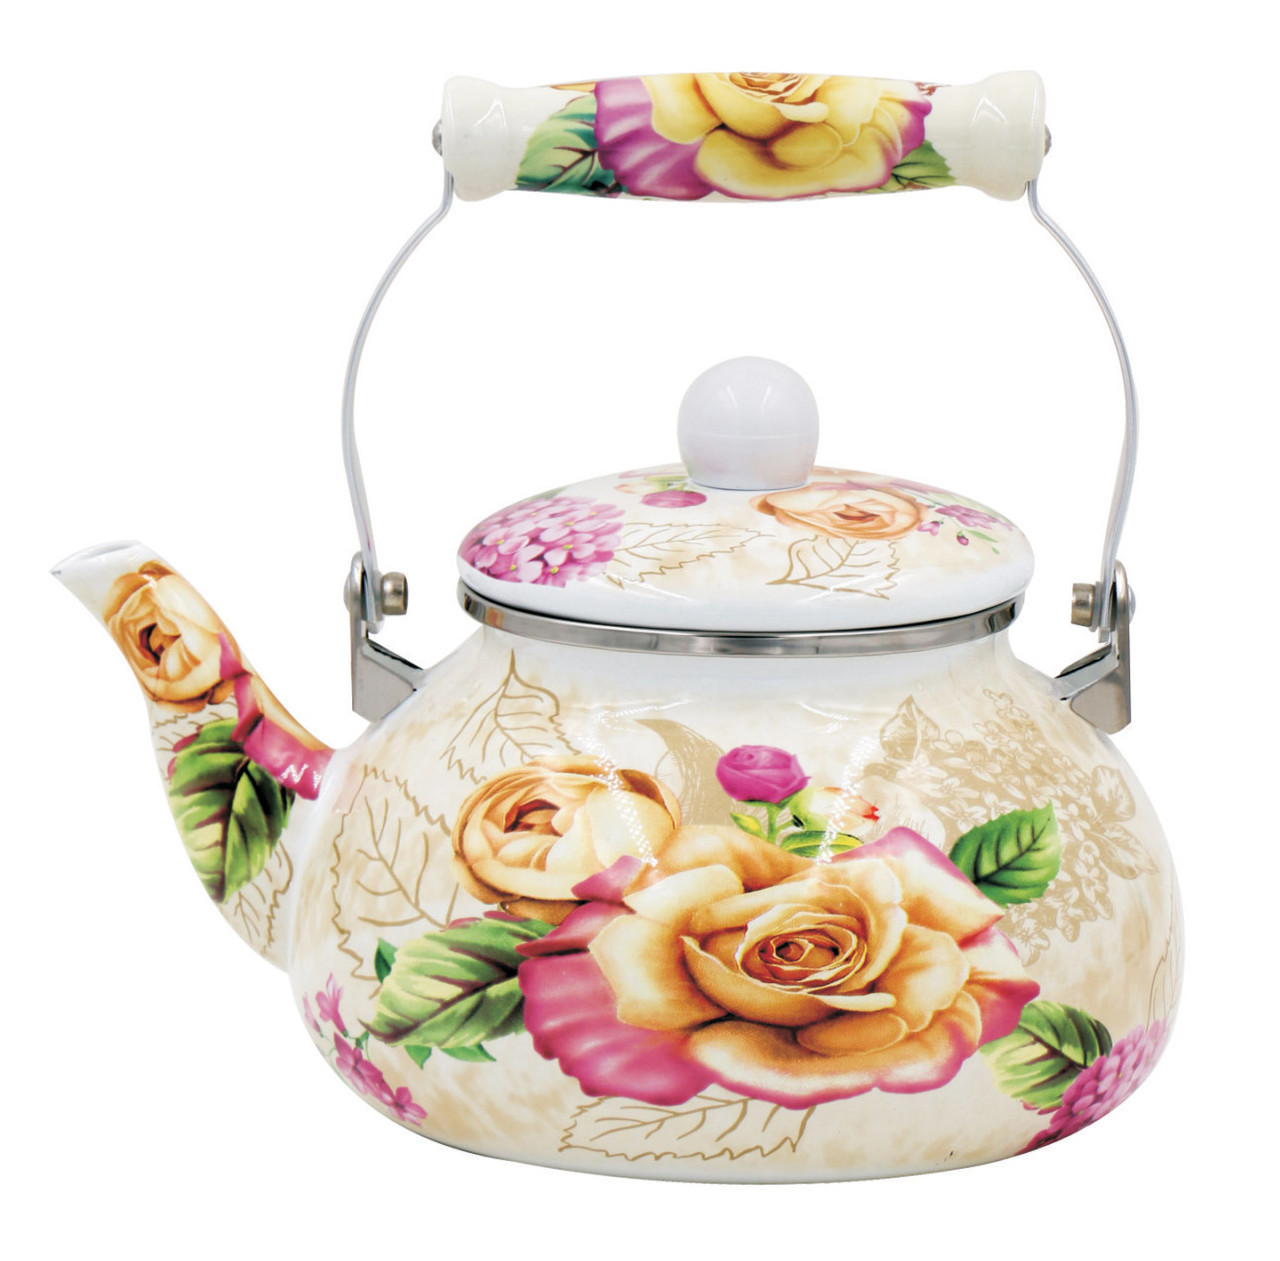 Эмалированный чайник с подвижной керамической ручкой Benson BN-108 белый с рисунком (2.5 л)